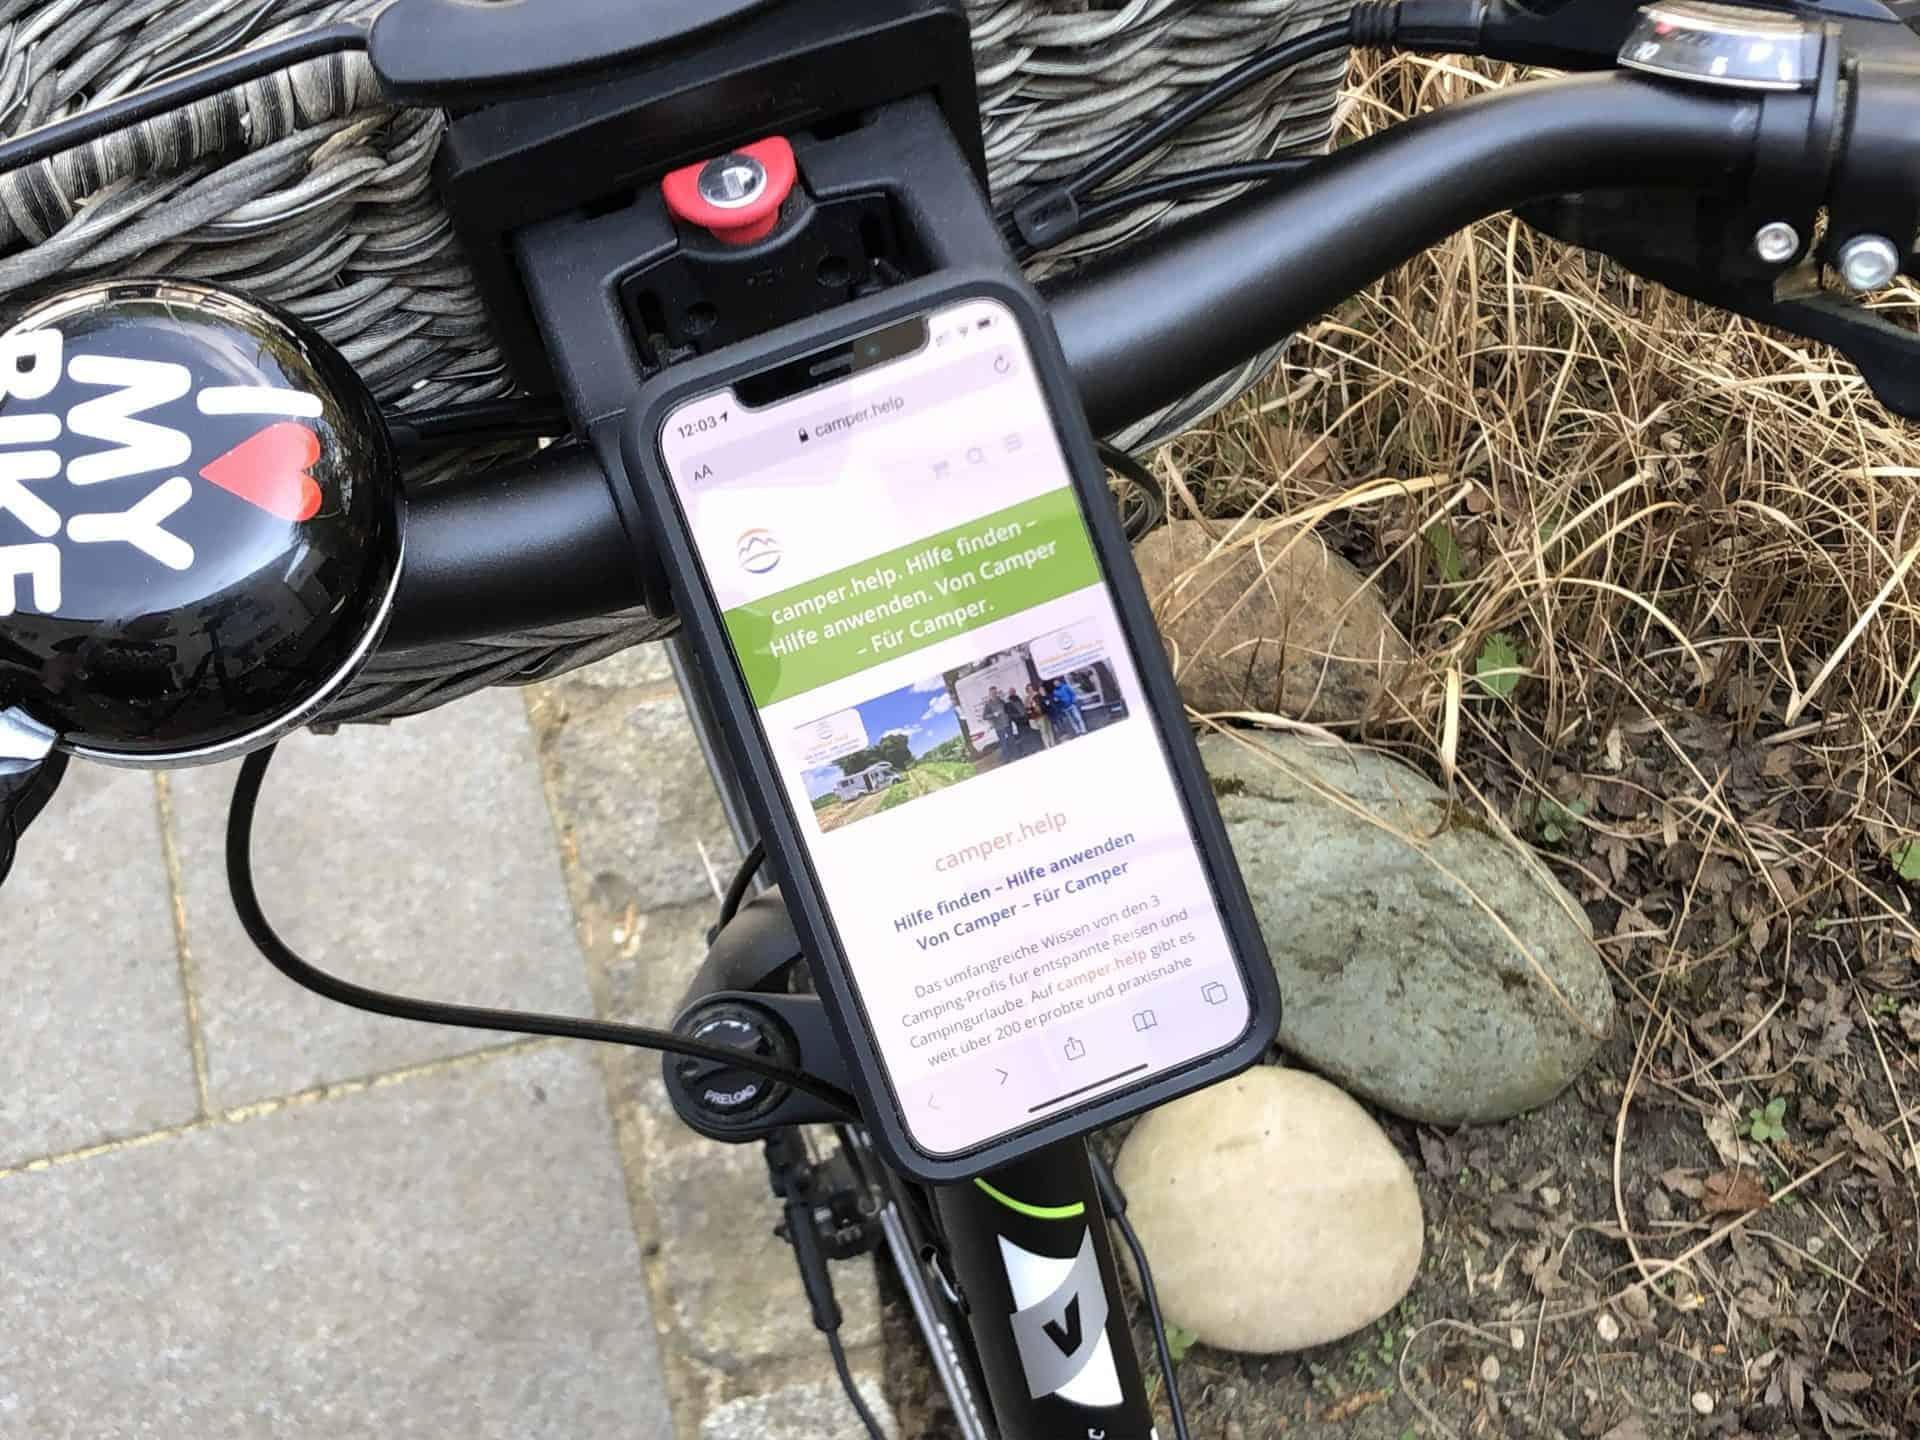 Quad_Lock_Fahrradhalterung_Vorbau_mit_Handy